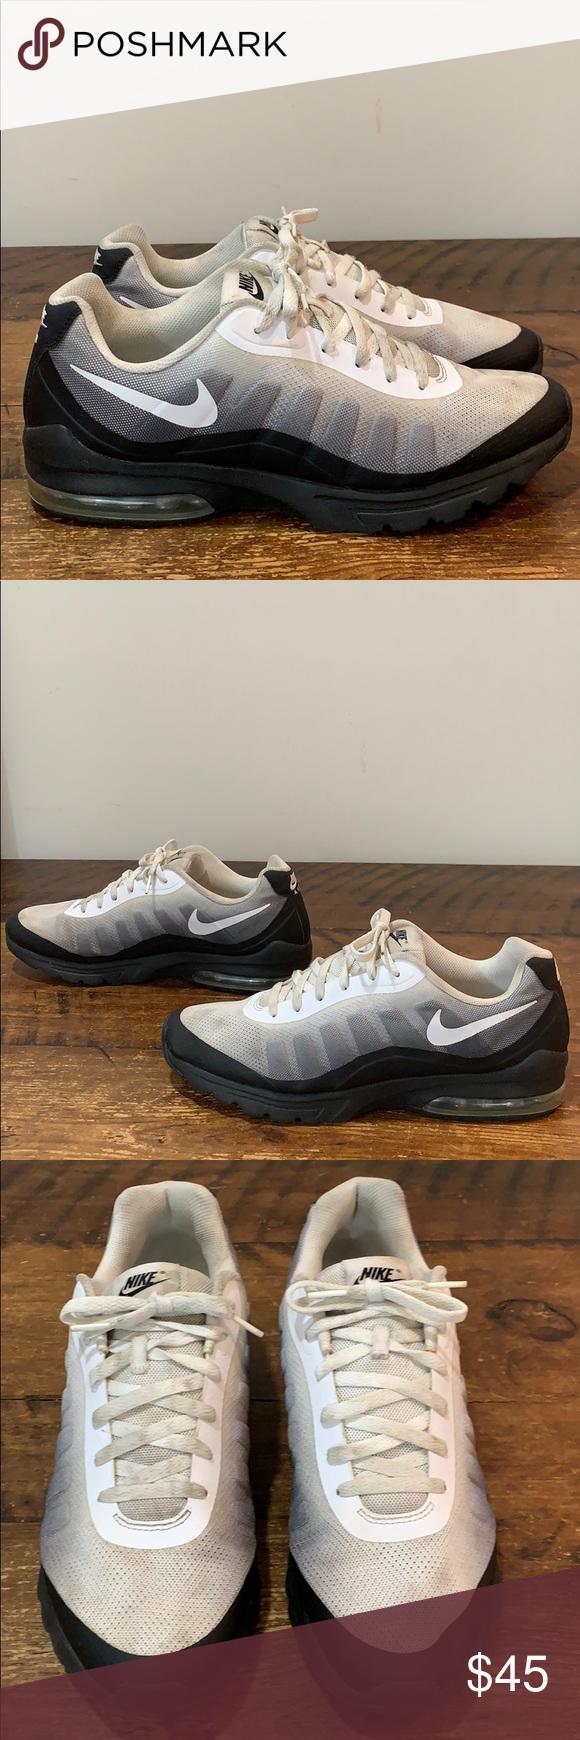 Nike Air Max Invigor Print Running Shoes Size 13 Nike Air